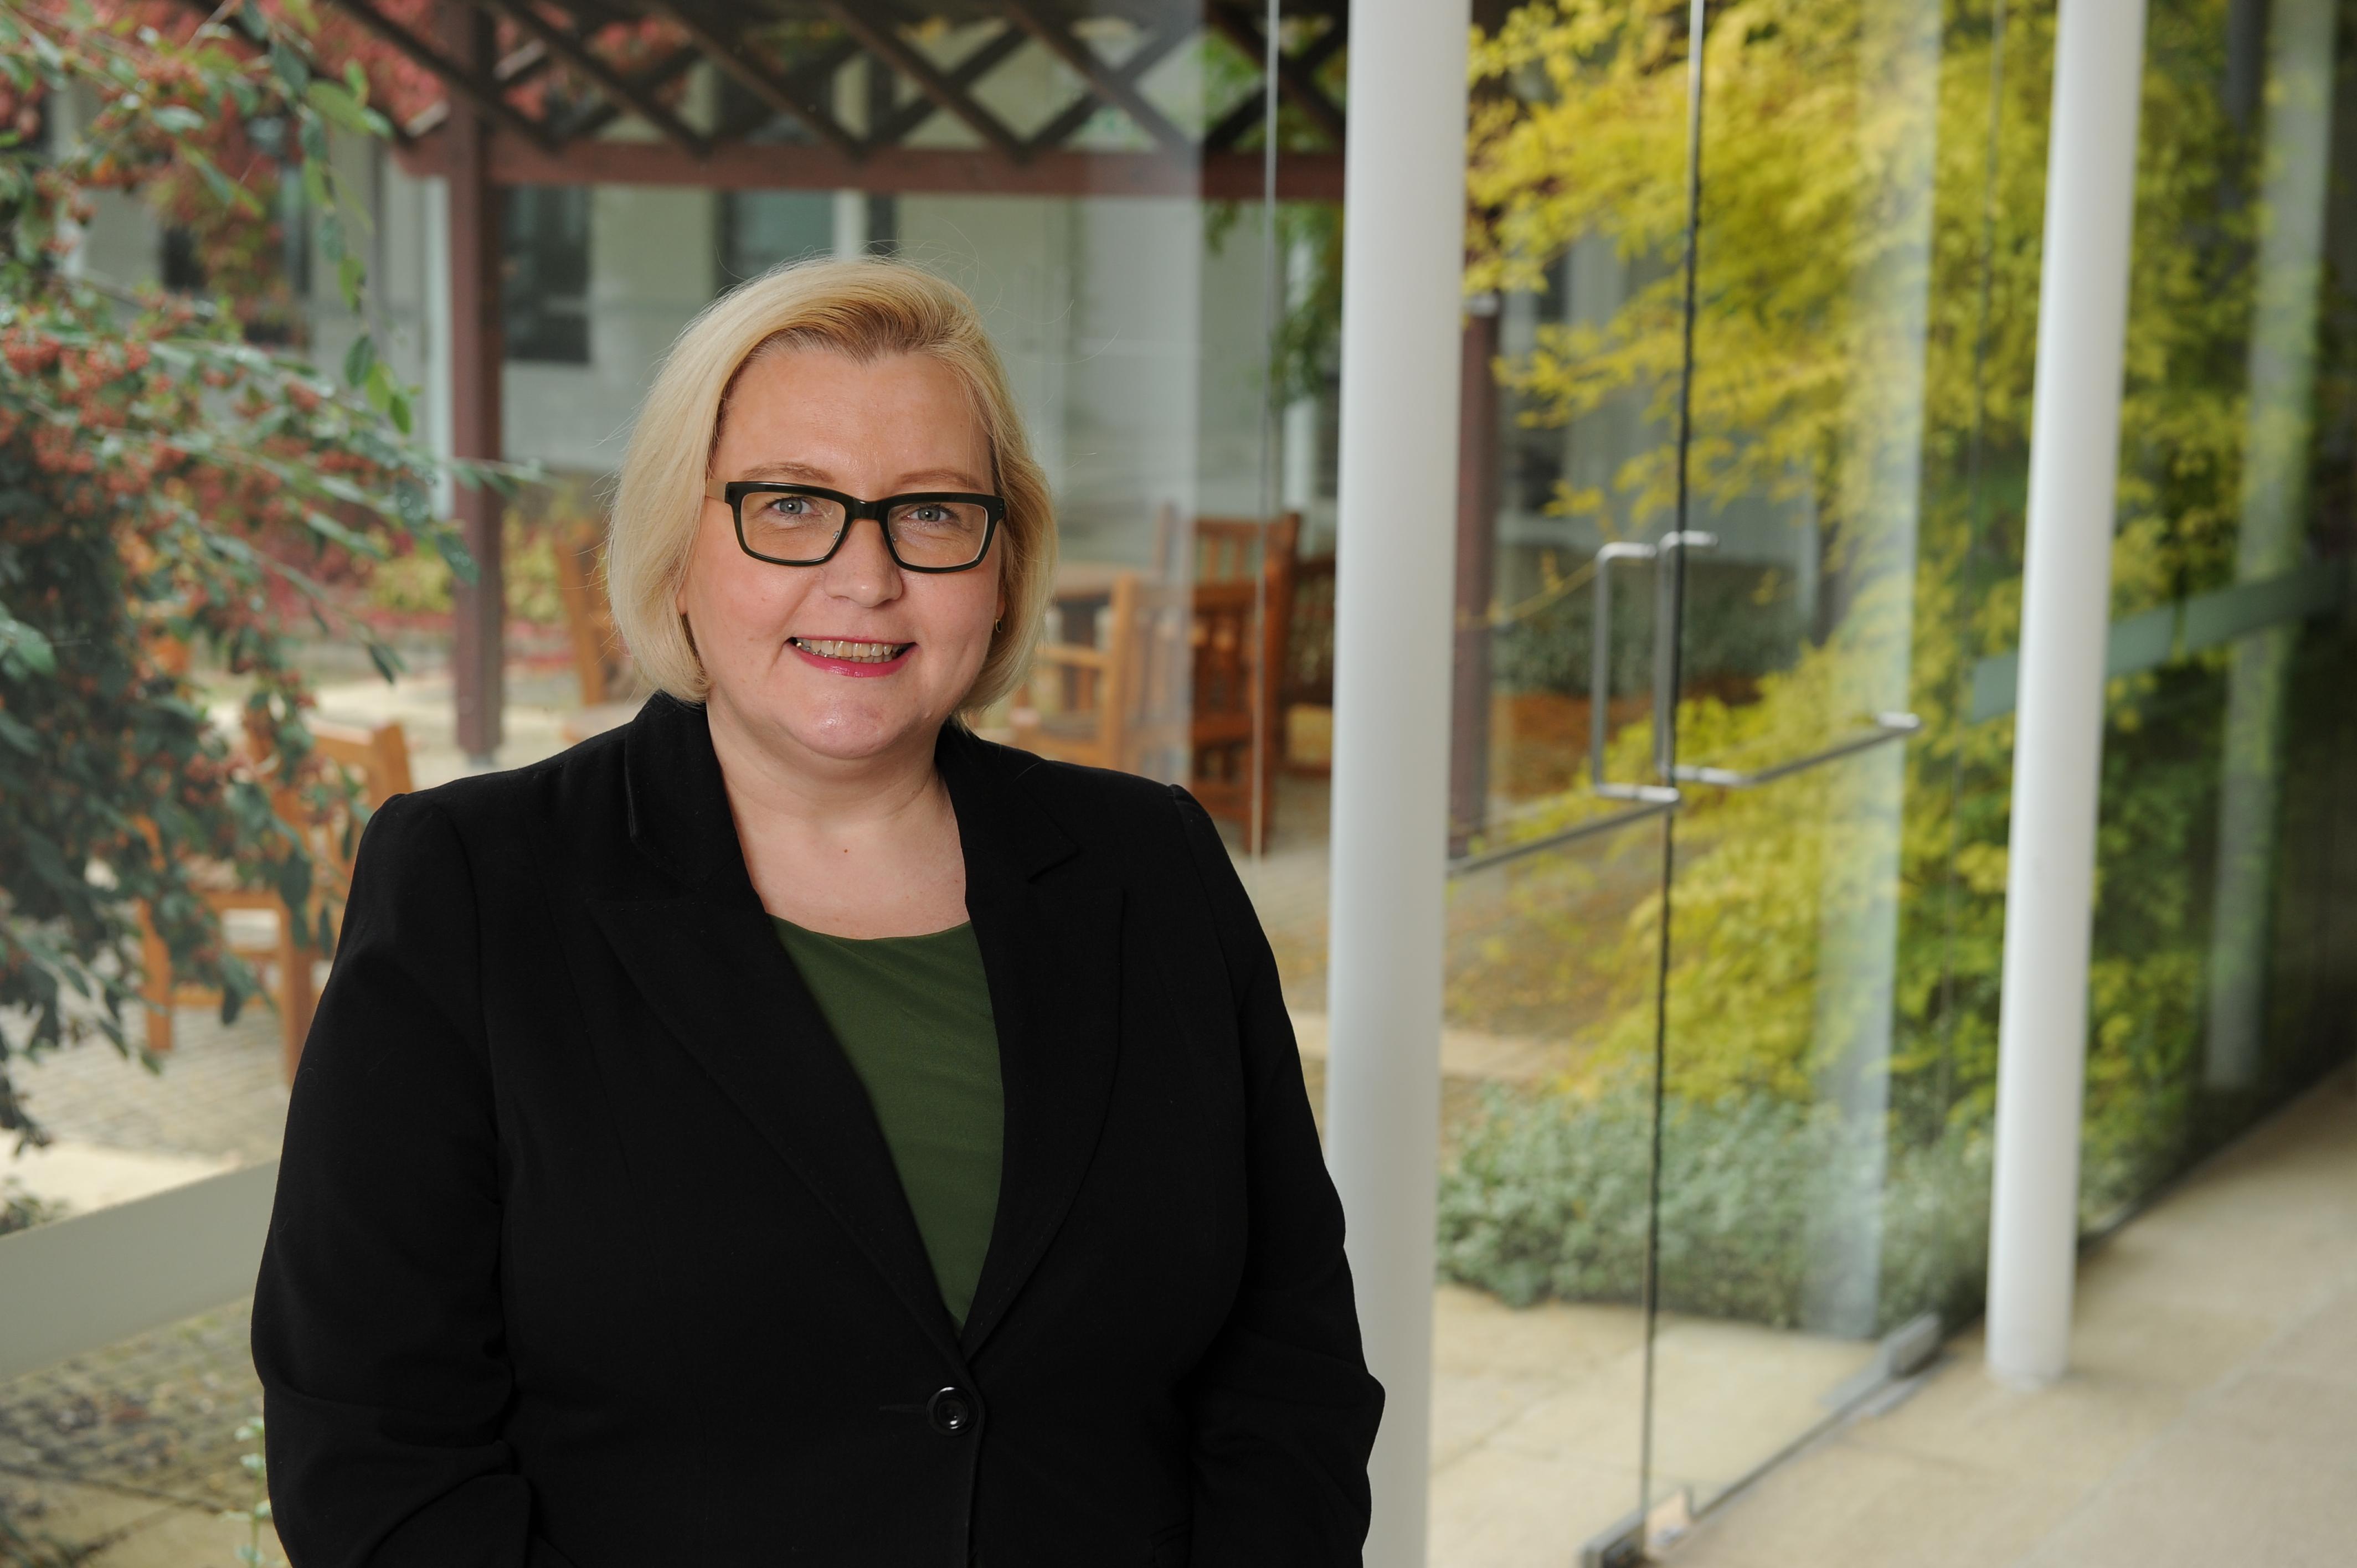 Gudrun Kuhlmeier